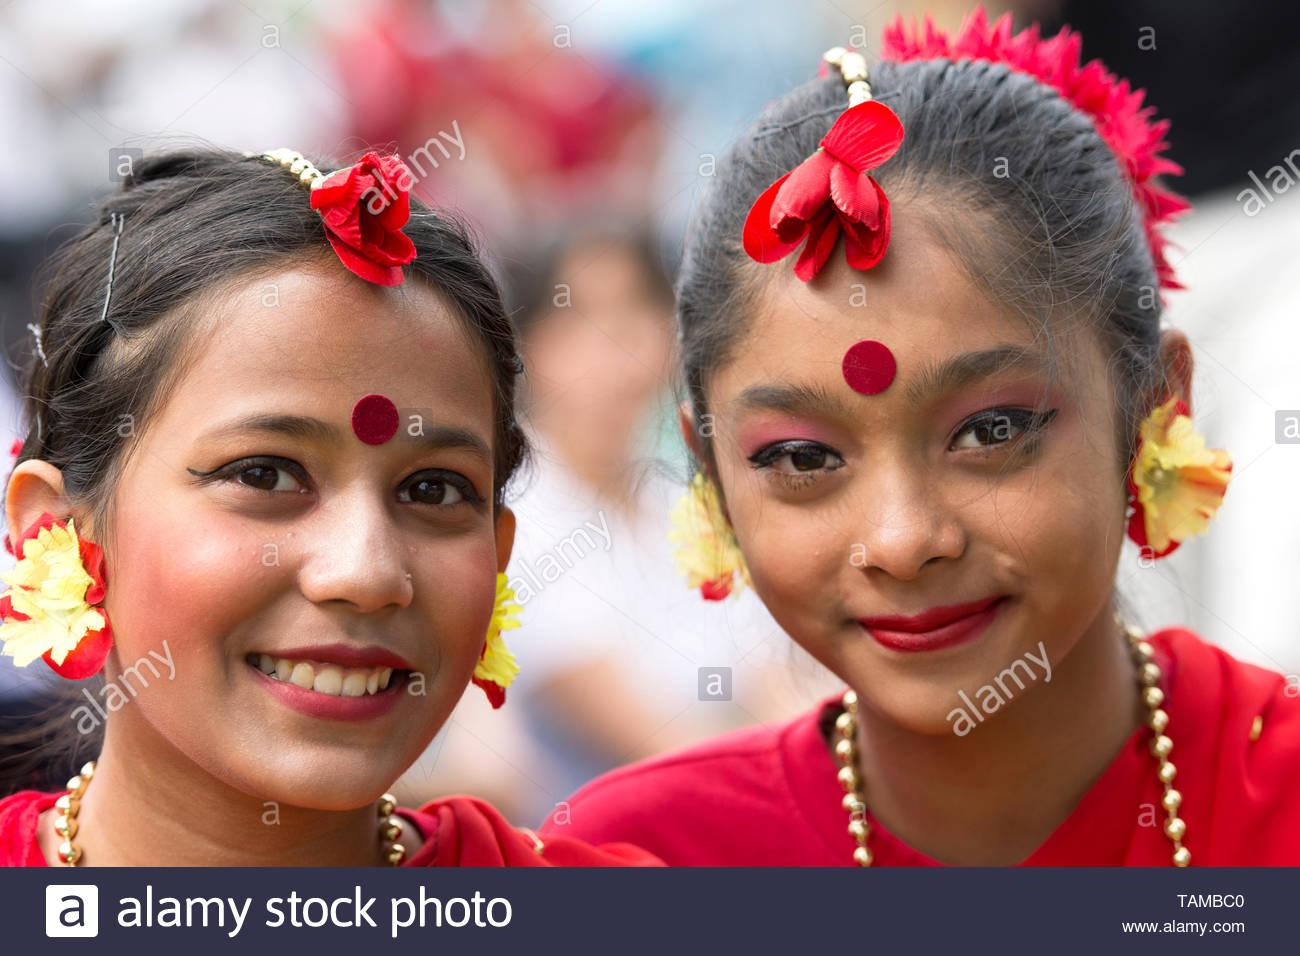 Dos chicas jóvenes, en la fiesta vestido rojo, Traje de Vesak evento celebrando el cumpleaños de Buda, Mississauga, Ontario, Canadá el 26 de mayo de 2019 Imagen De Stock